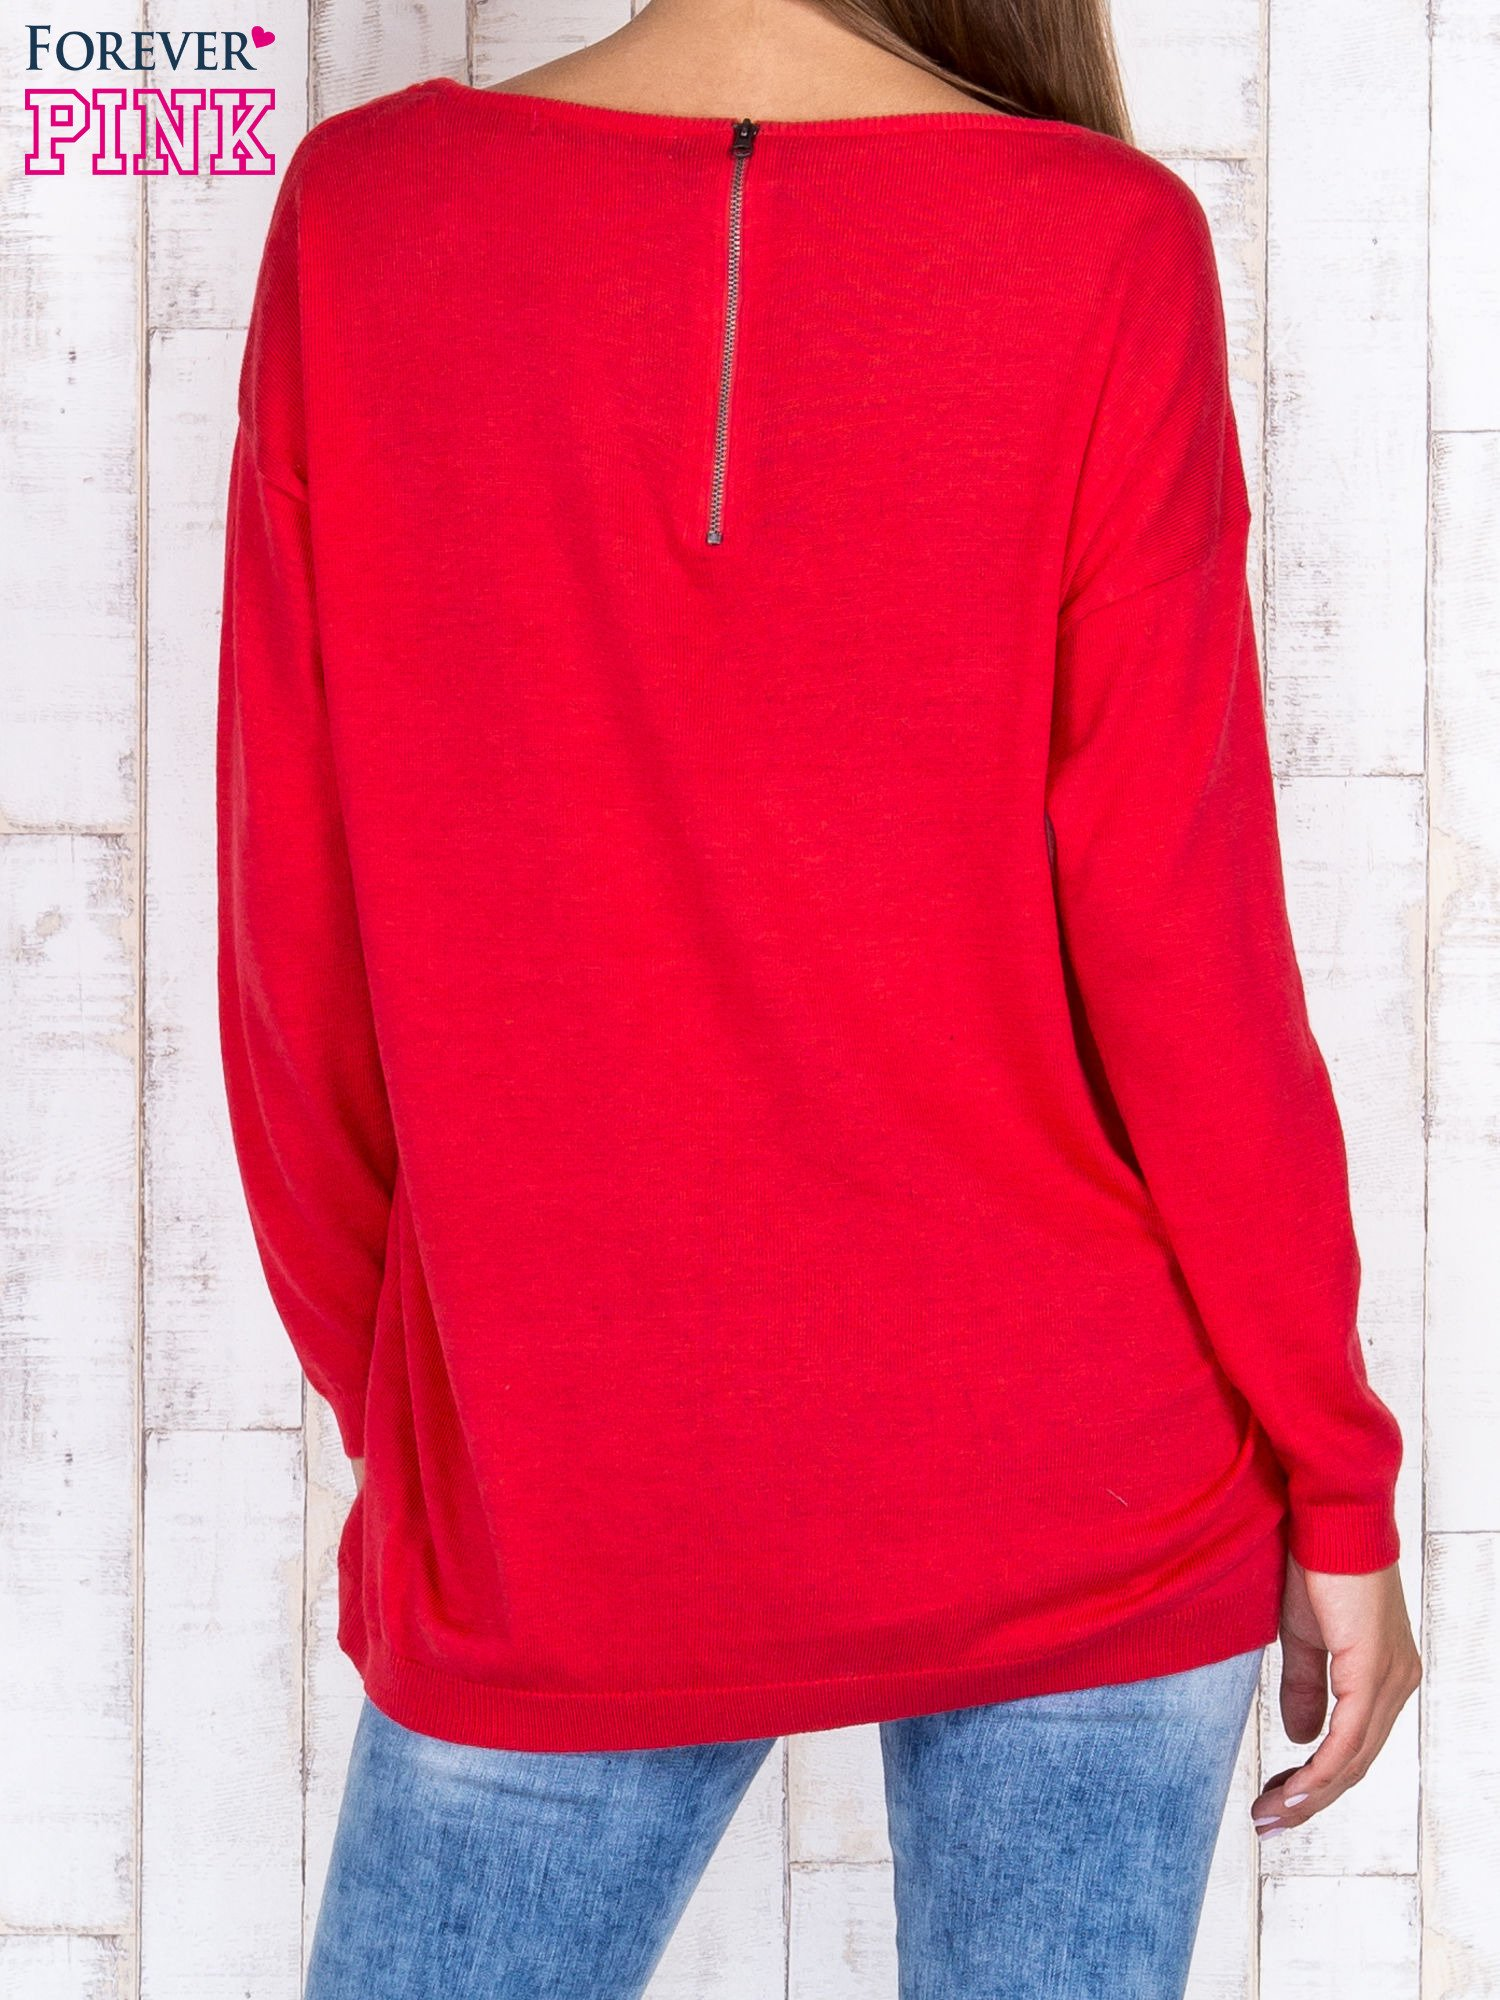 Ciemnoróżowy nietoperzowy sweter oversize z dłuższym tyłem                                  zdj.                                  4